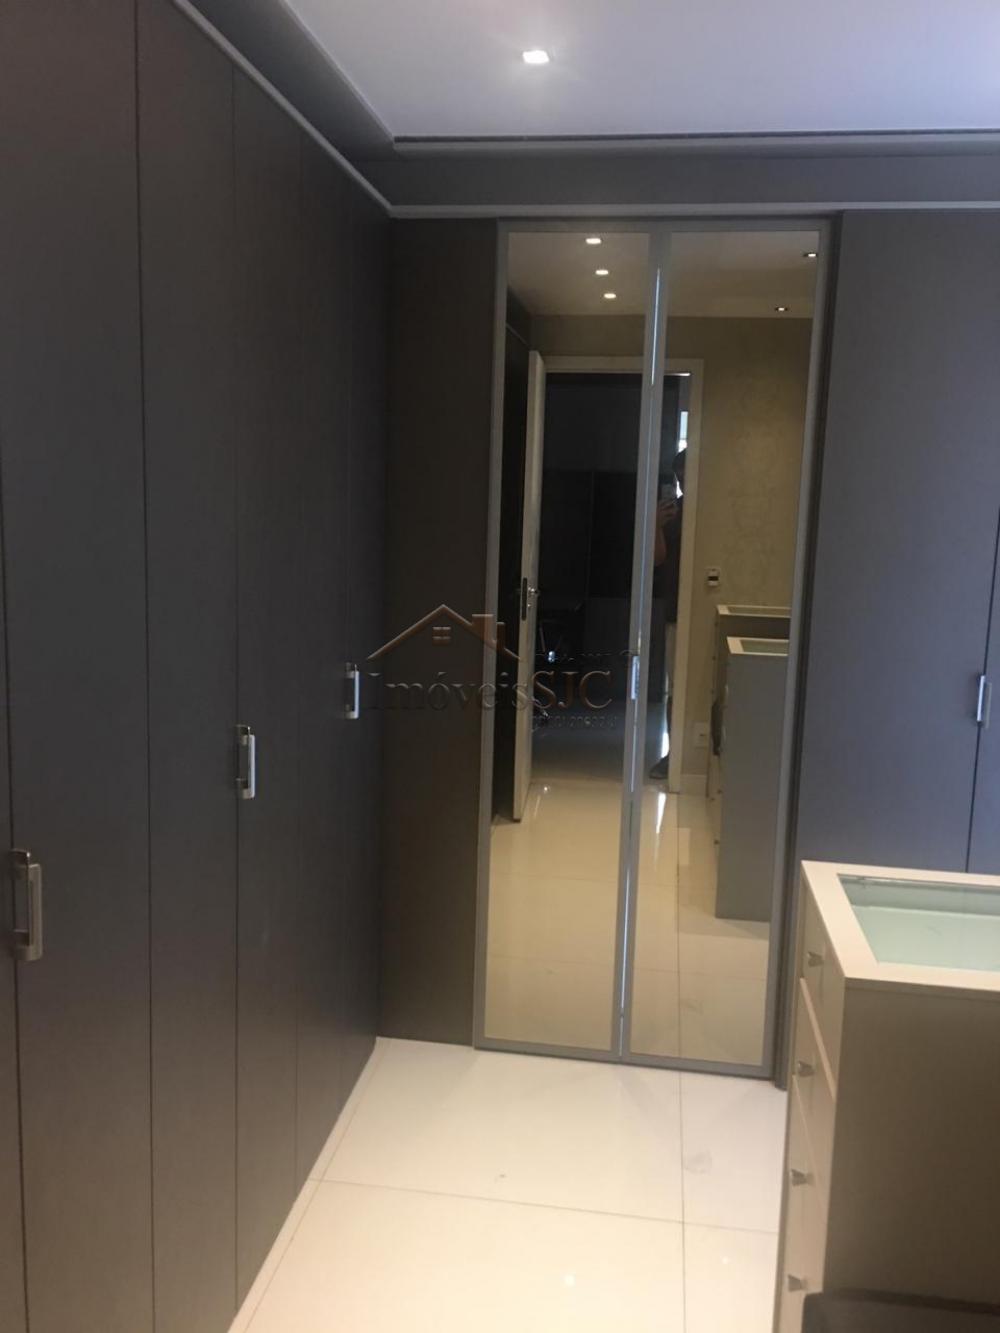 Alugar Apartamentos / Padrão em São José dos Campos apenas R$ 3.900,00 - Foto 11